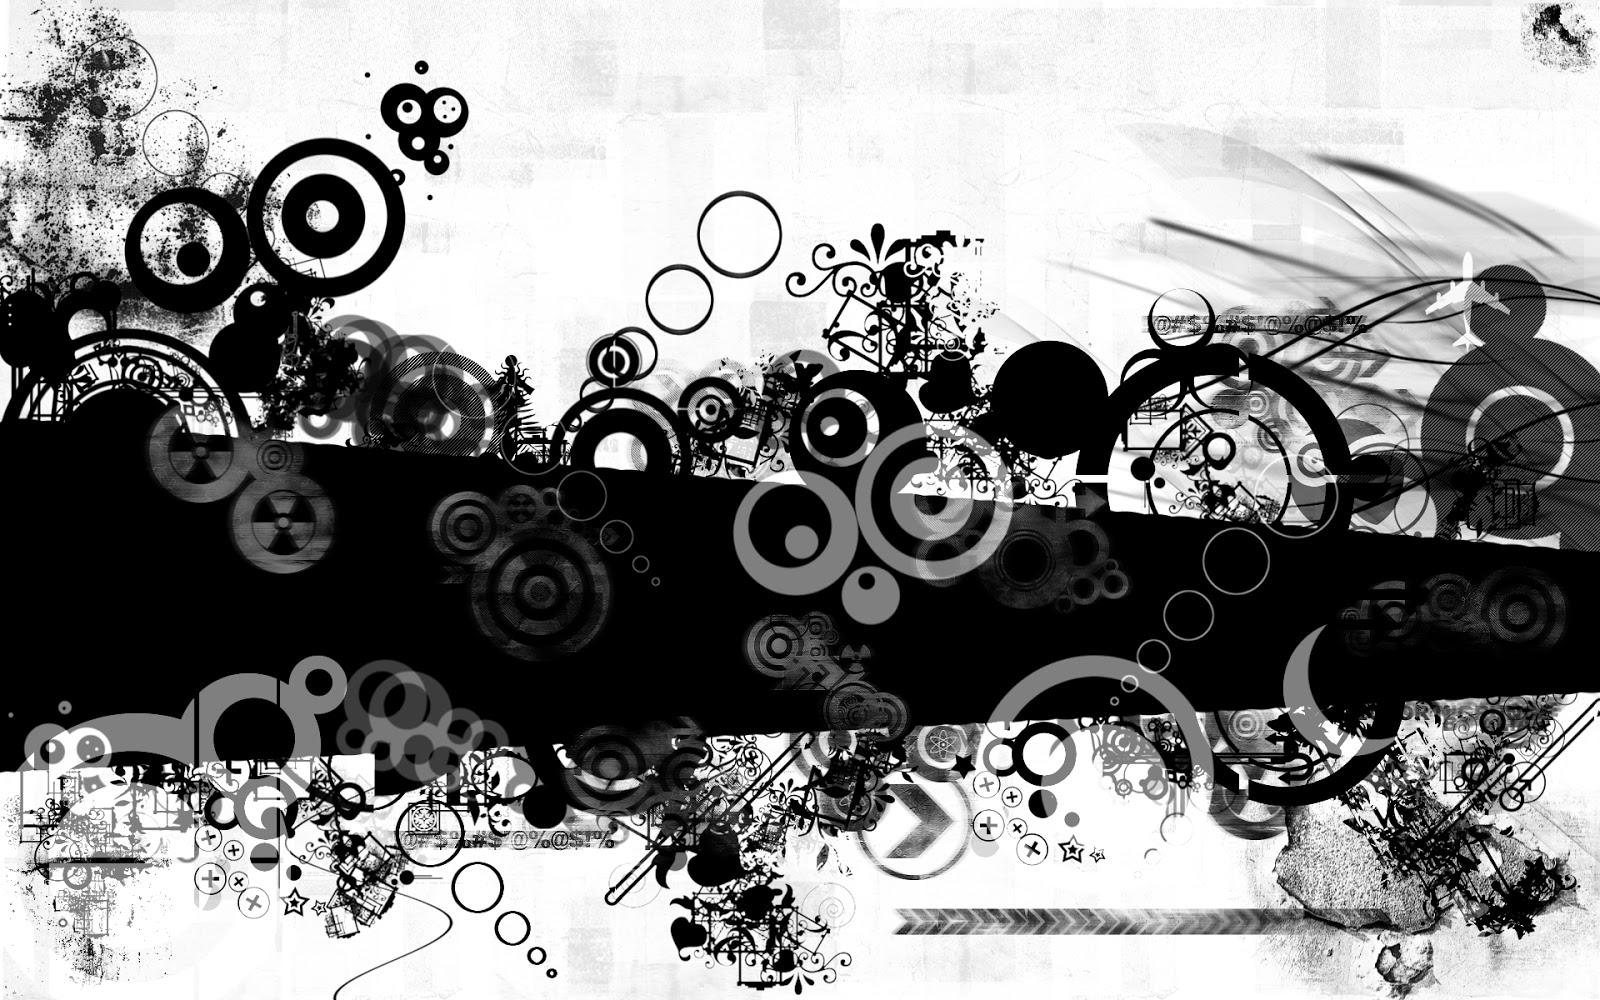 http://1.bp.blogspot.com/-mL3It_XvyFI/UROLHfhpbHI/AAAAAAAAJEU/rzP0ahpQxu4/s1600/Siyah+Beyaz+hd+resimler+2013+(14).jpg